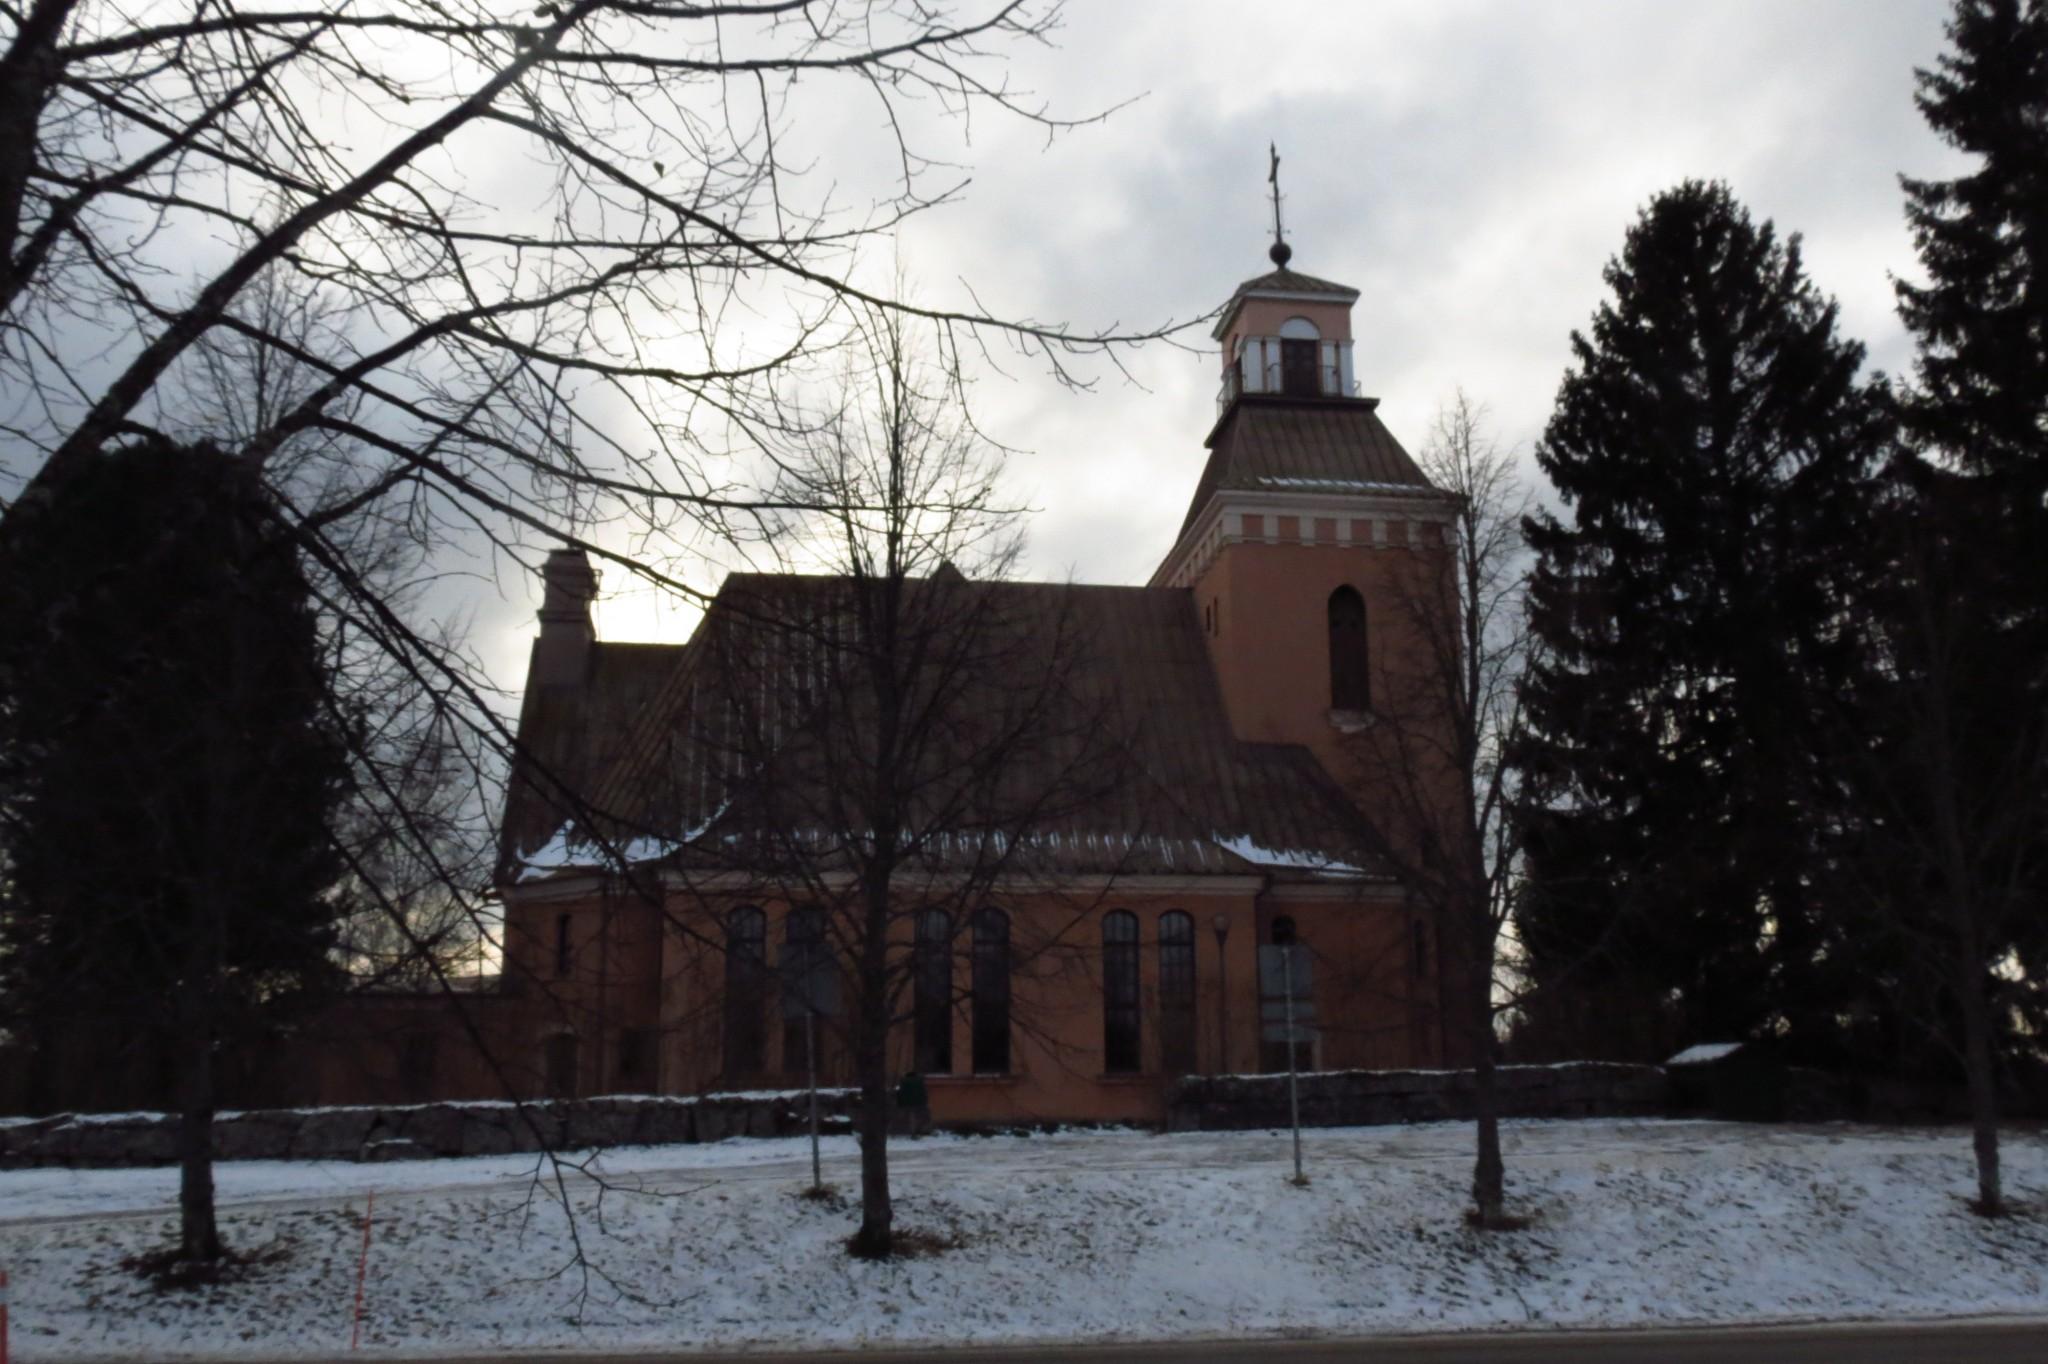 Padasjoen kirkko